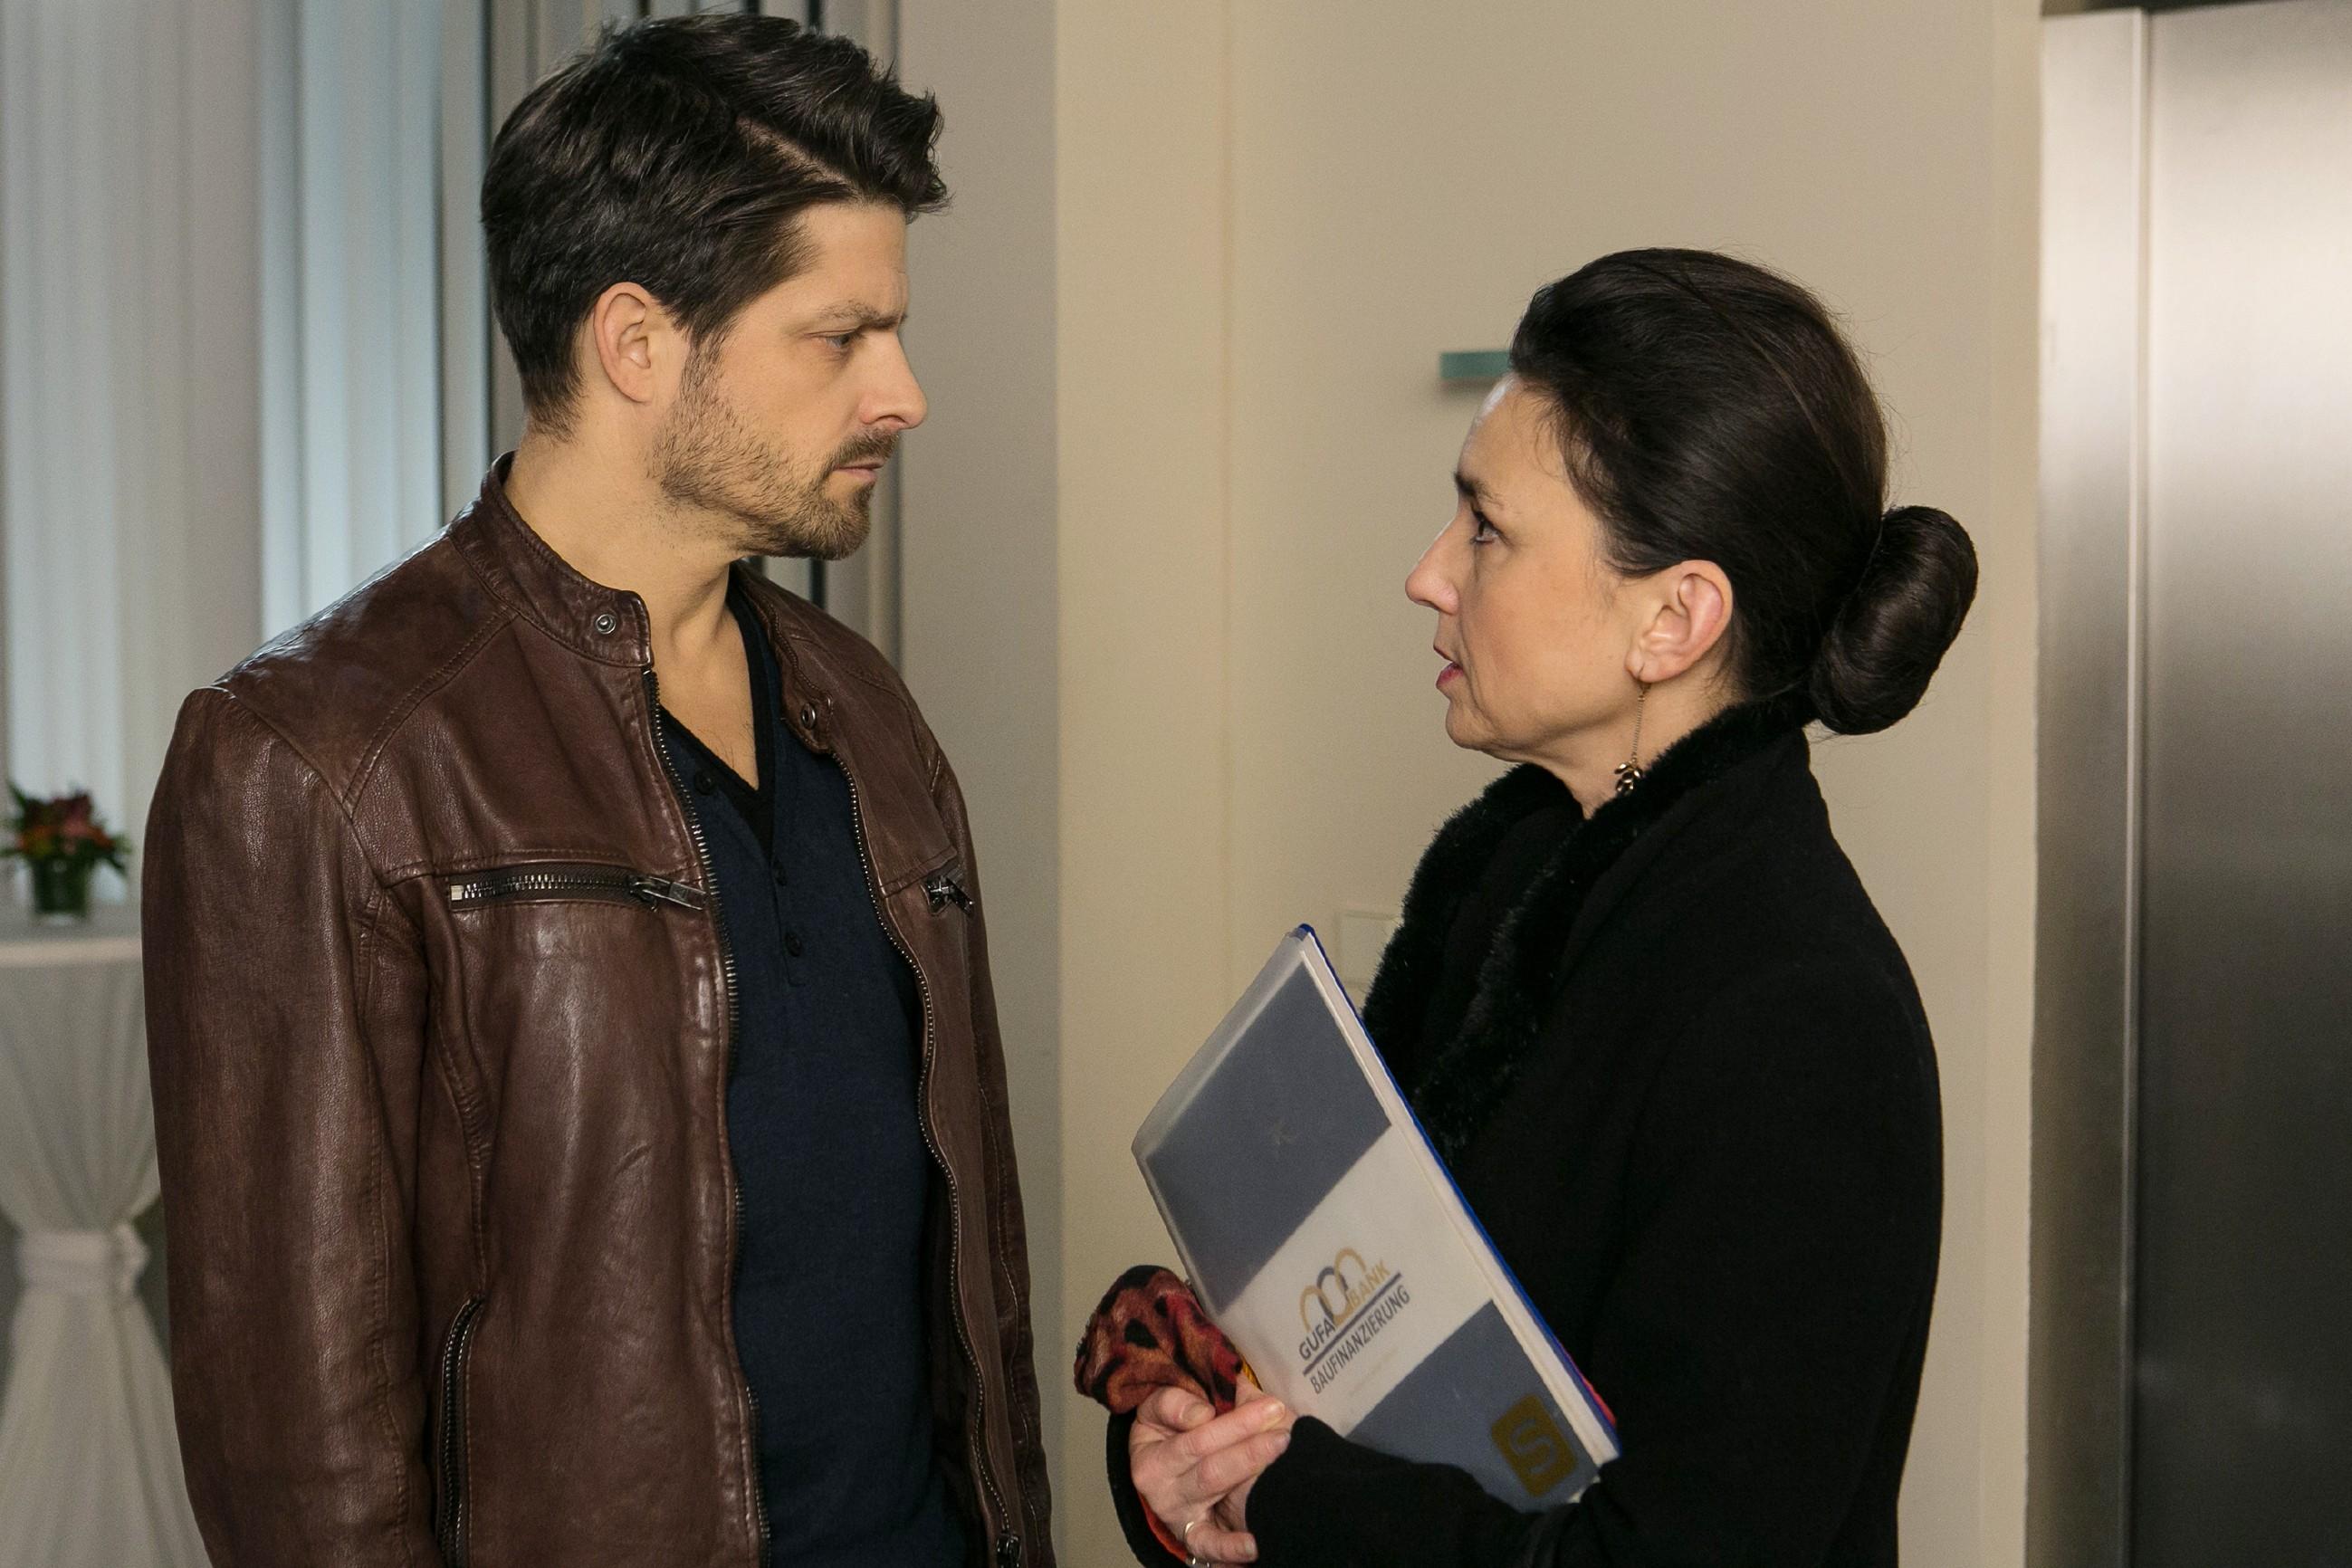 Vincent (Daniel Buder) versucht Simone (Tatjana Clasing) davon zu überzeugen, dass seine Vatergefühle echt sind, doch Simone lehnt seine Bitte, ihm bei der Versöhnung mit Michelle zu helfen, ab. (Foto: RTL / Kai Schulz)